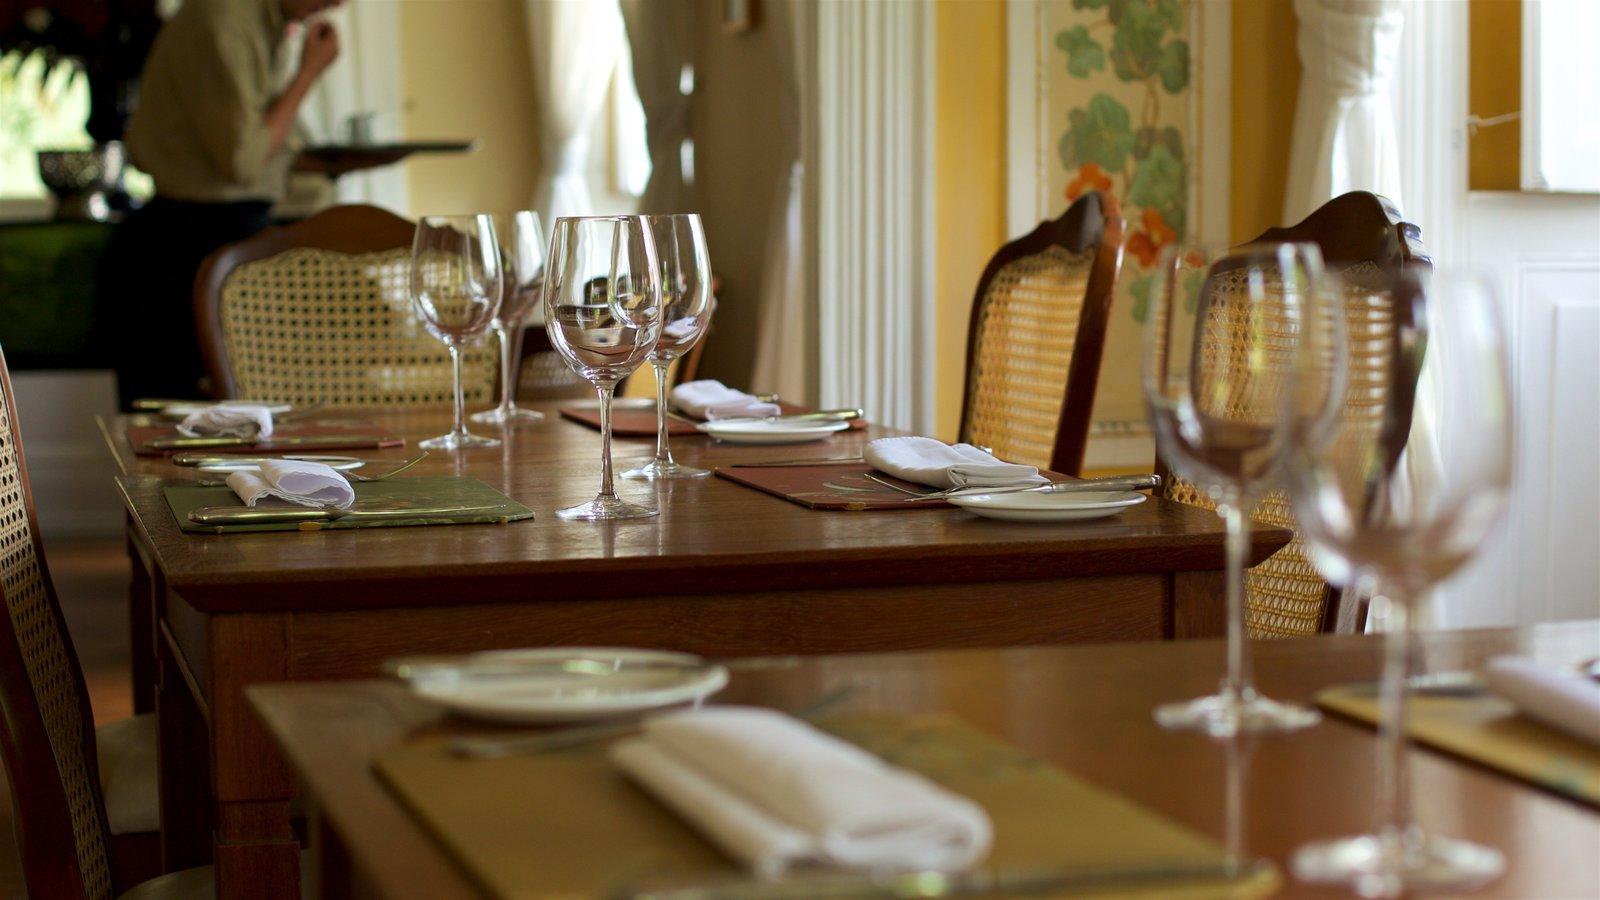 Petrópolis que inclui vistas internas e jantar fora